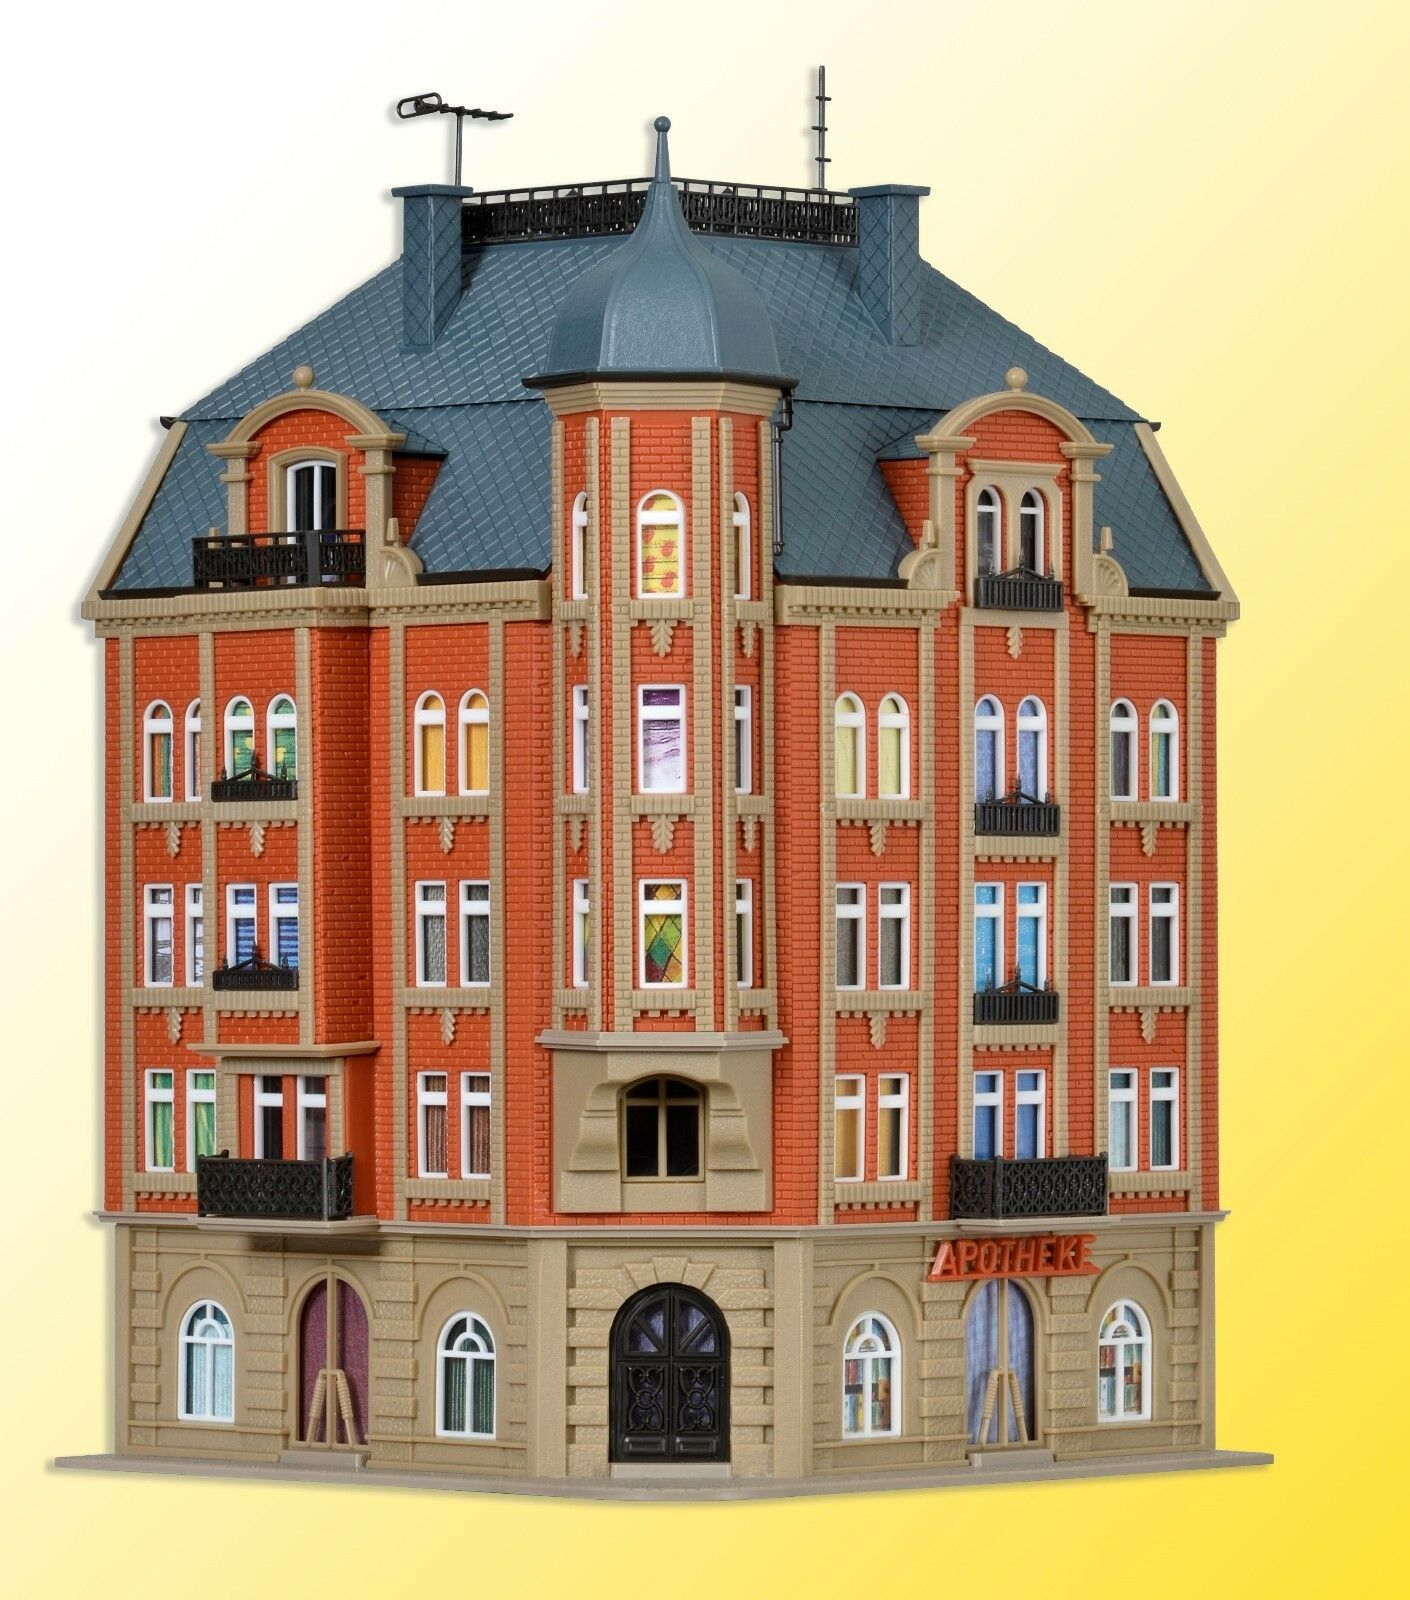 precio mas barato Vollmer 43811 ciudad-Eck-vivienda castillo todos 1, 3-stockig 3-stockig 3-stockig m. dachgesch nuevo  tienda de bajo costo